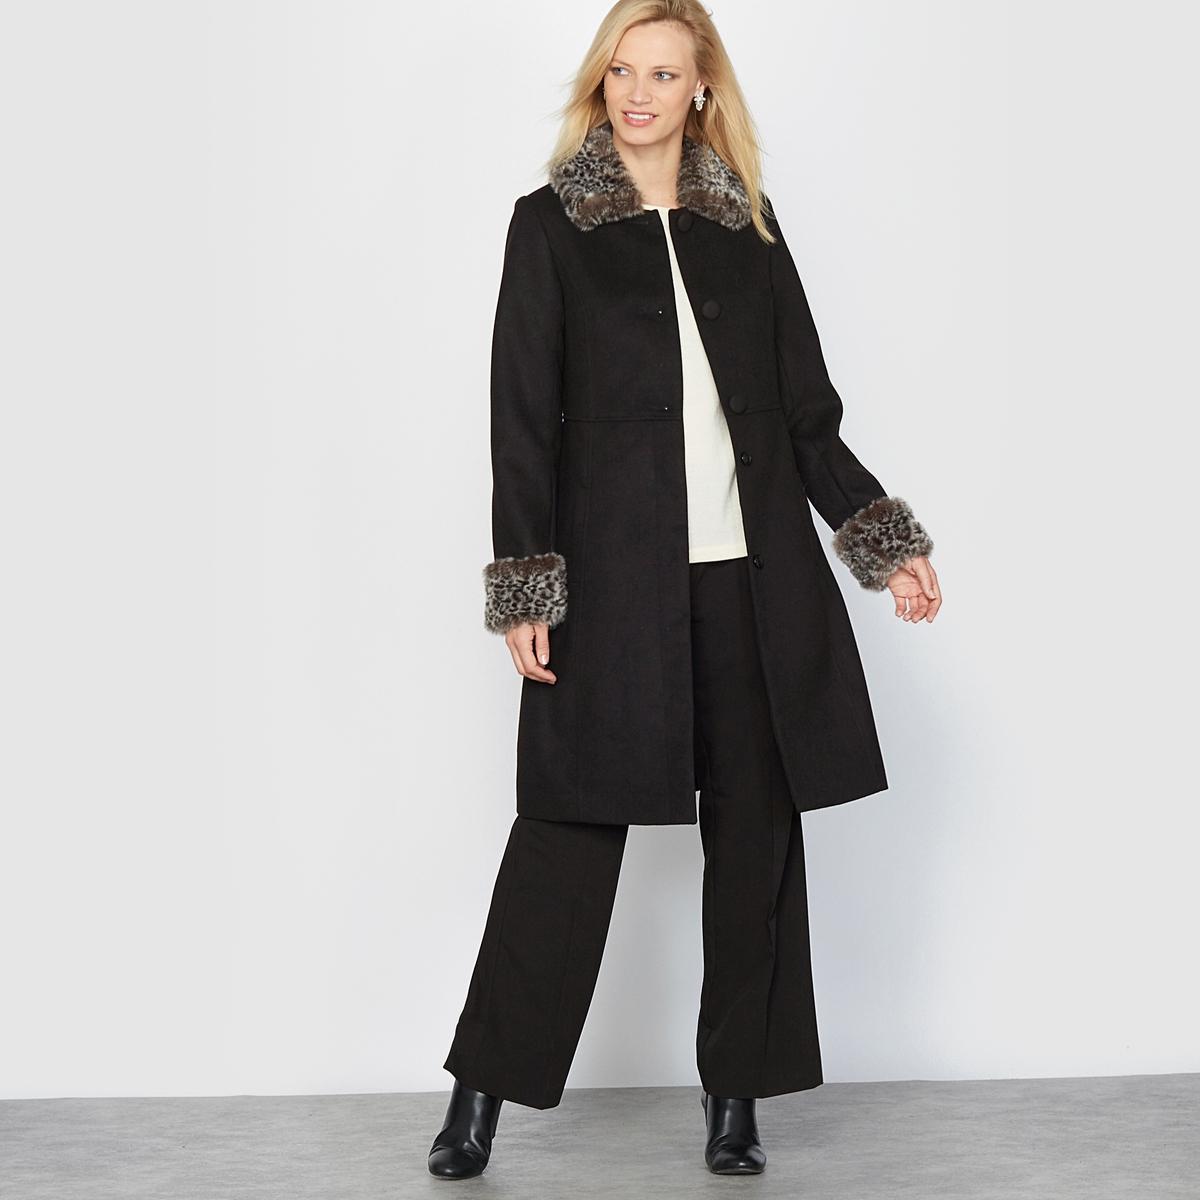 Пальто длинное под шерстяной драпПальто. Невероятно стильное пальто с отделкой, имитирующей мех, и имитацией кожи на воротнике и внизу рукавов .  Отрезная деталь по талии. Встречная складка сзади с хлястиком. Застежка на 3 невидимые пуговицы и 2 невидимые пуговицы, начиная с пояса. Прорезные карманы.Состав и описание:Материал: Красивая ткань под шерстяной драп 88% полиэстера, 10% вискозы, 2% эластана .Подкладка: 100% полиэстер.Длина 95 см.Марка: Anne Weyburn.Уход:Сухая чистка.Гладить при умеренной температуре.<br><br>Цвет: черный<br>Размер: 40 (FR) - 46 (RUS)